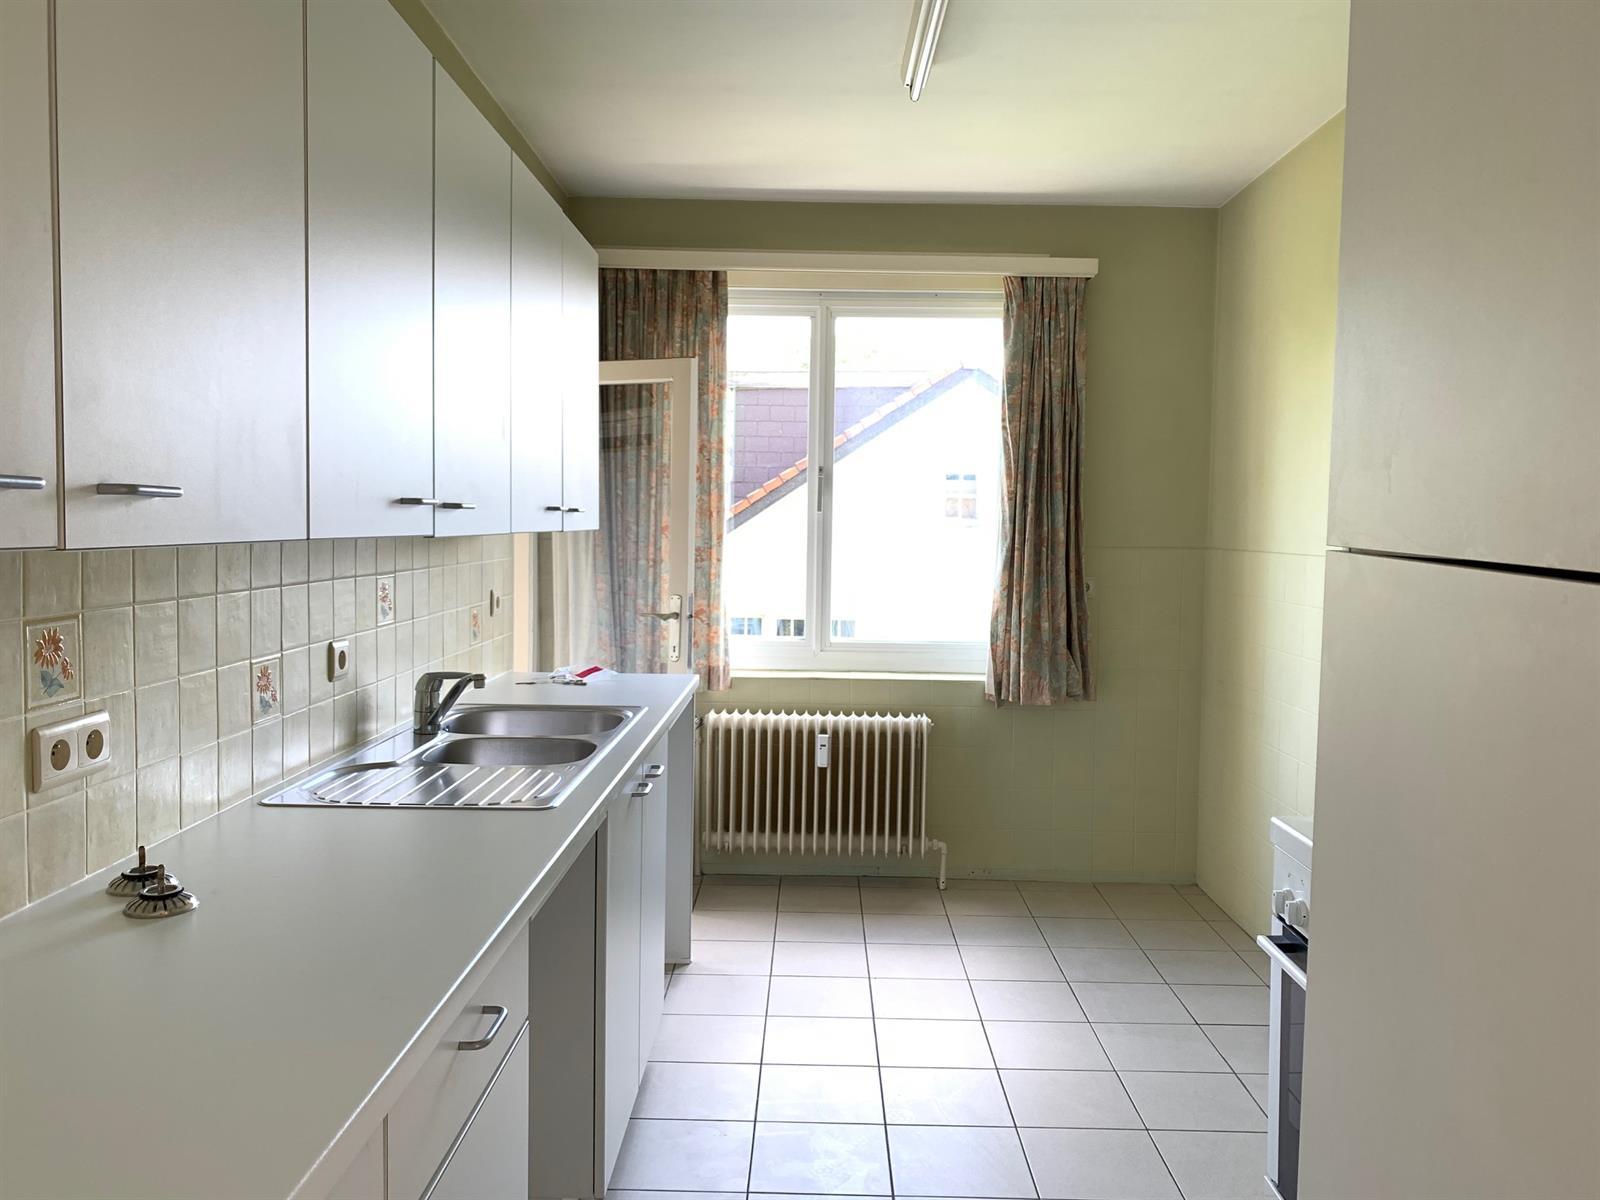 Appartement - Rhode-Saint-Genèse - #4028004-41